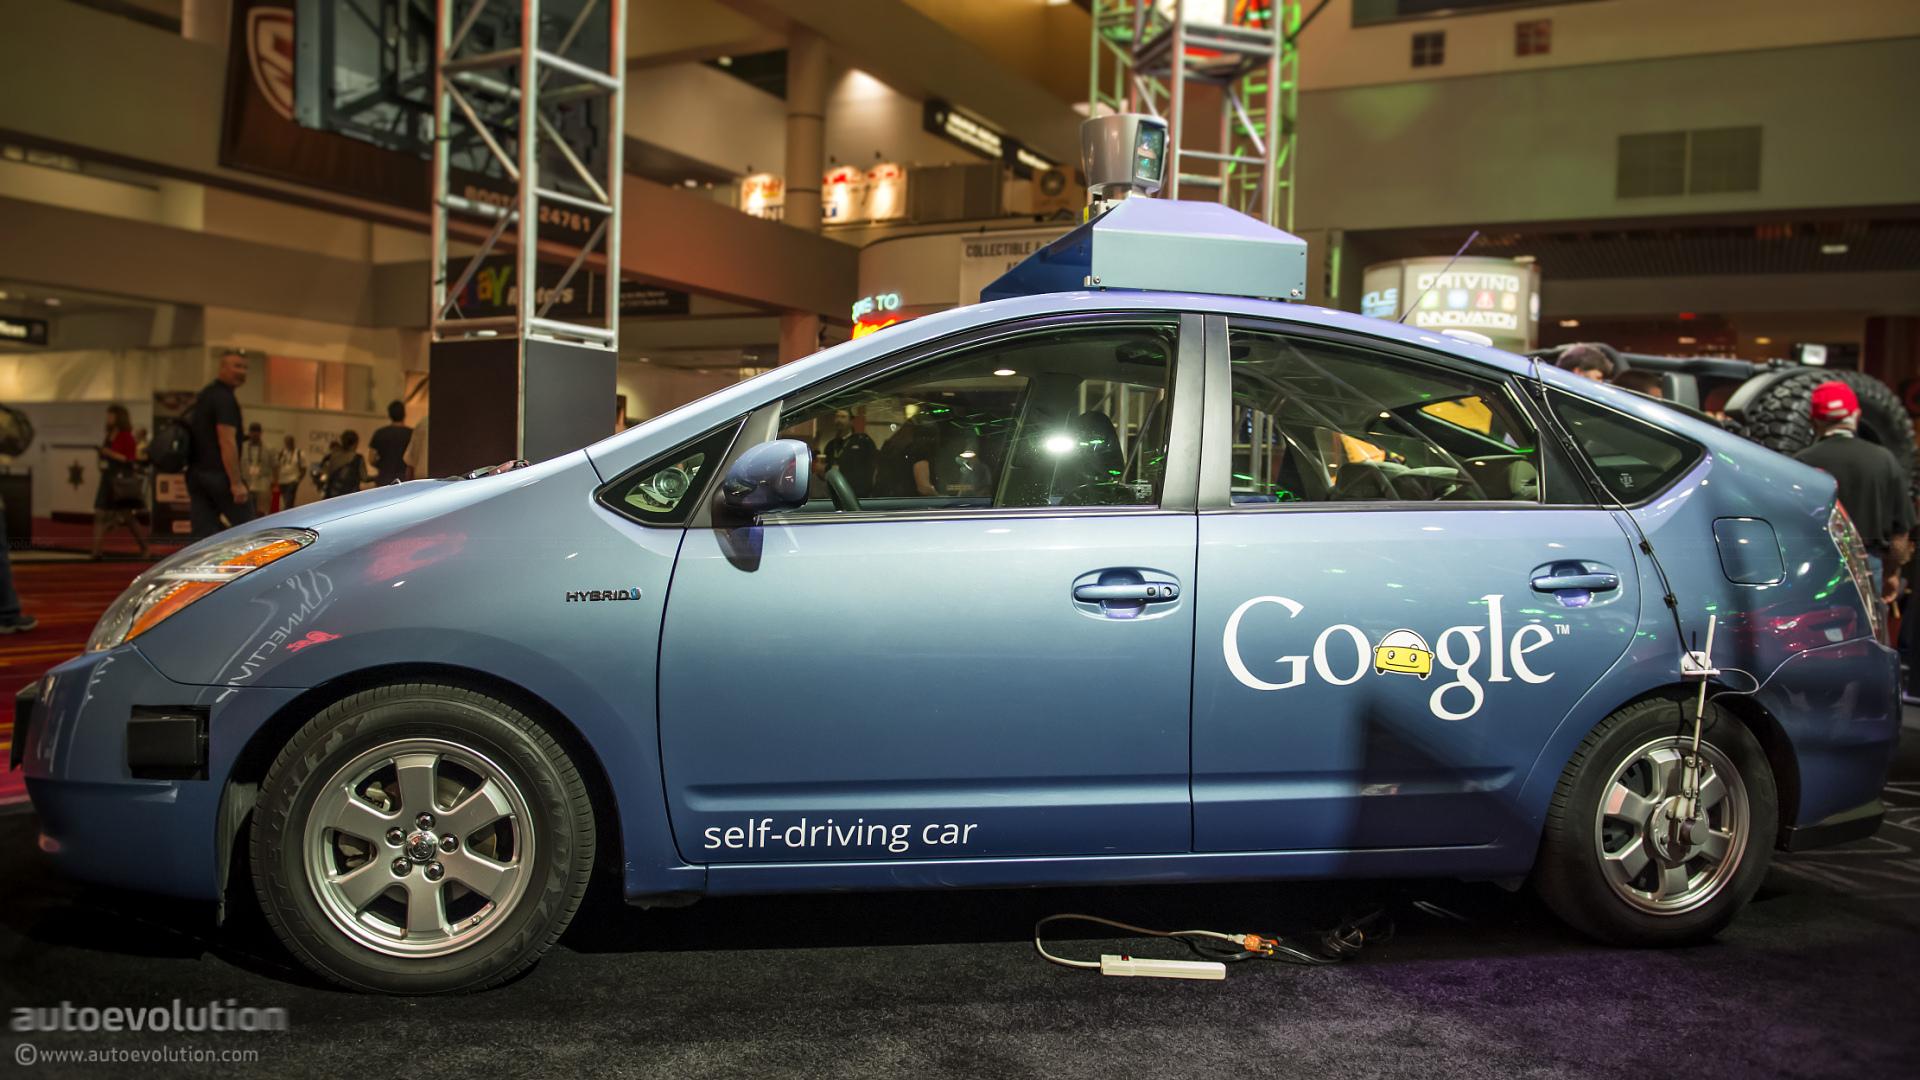 prius google s self driving